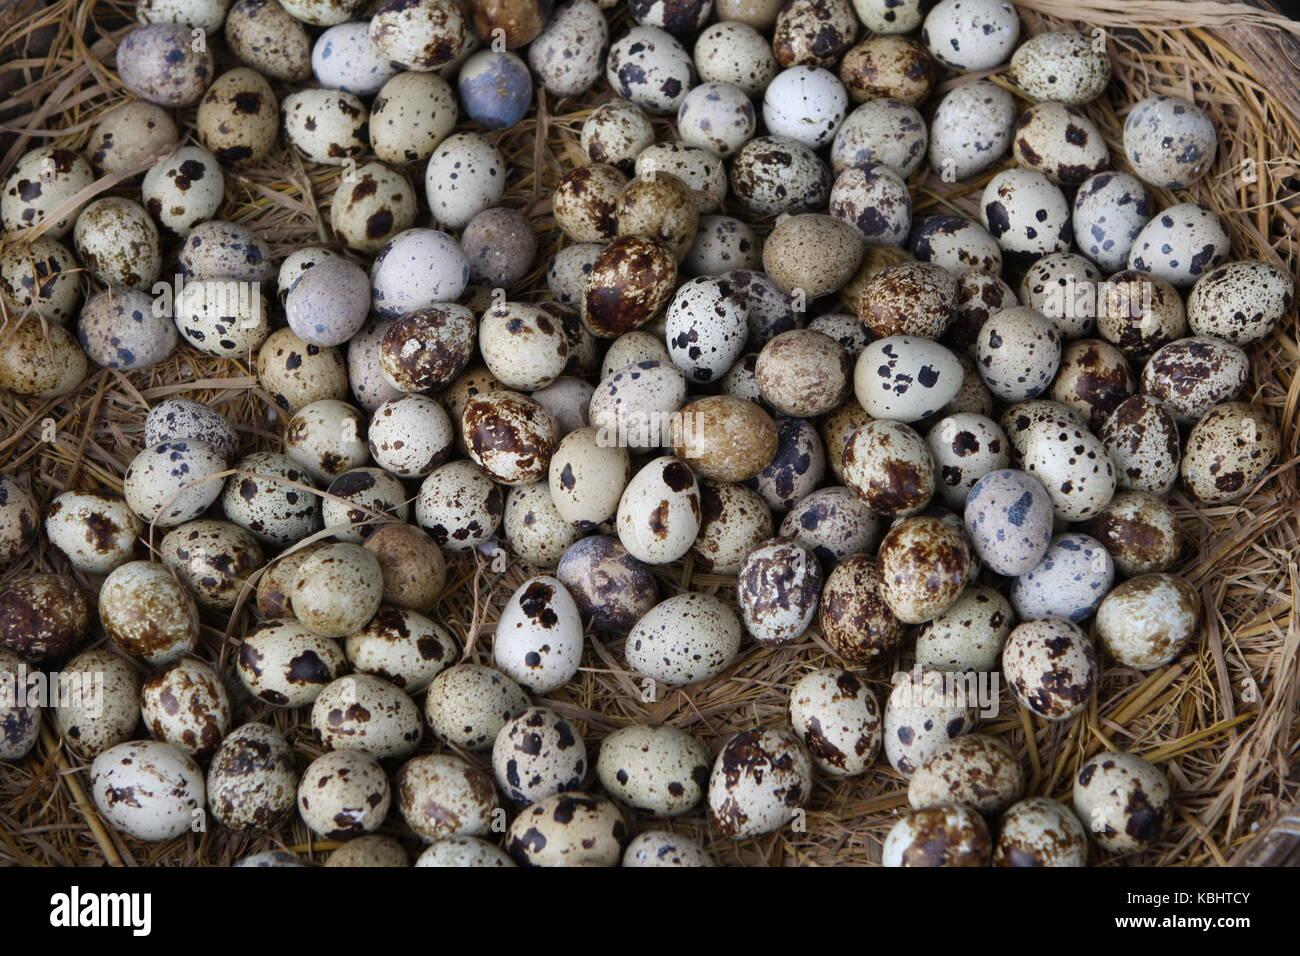 Wachtel Eier in einem Korb mit Stroh - wachtel Eier in einem Korb mit Stroh Stockbild